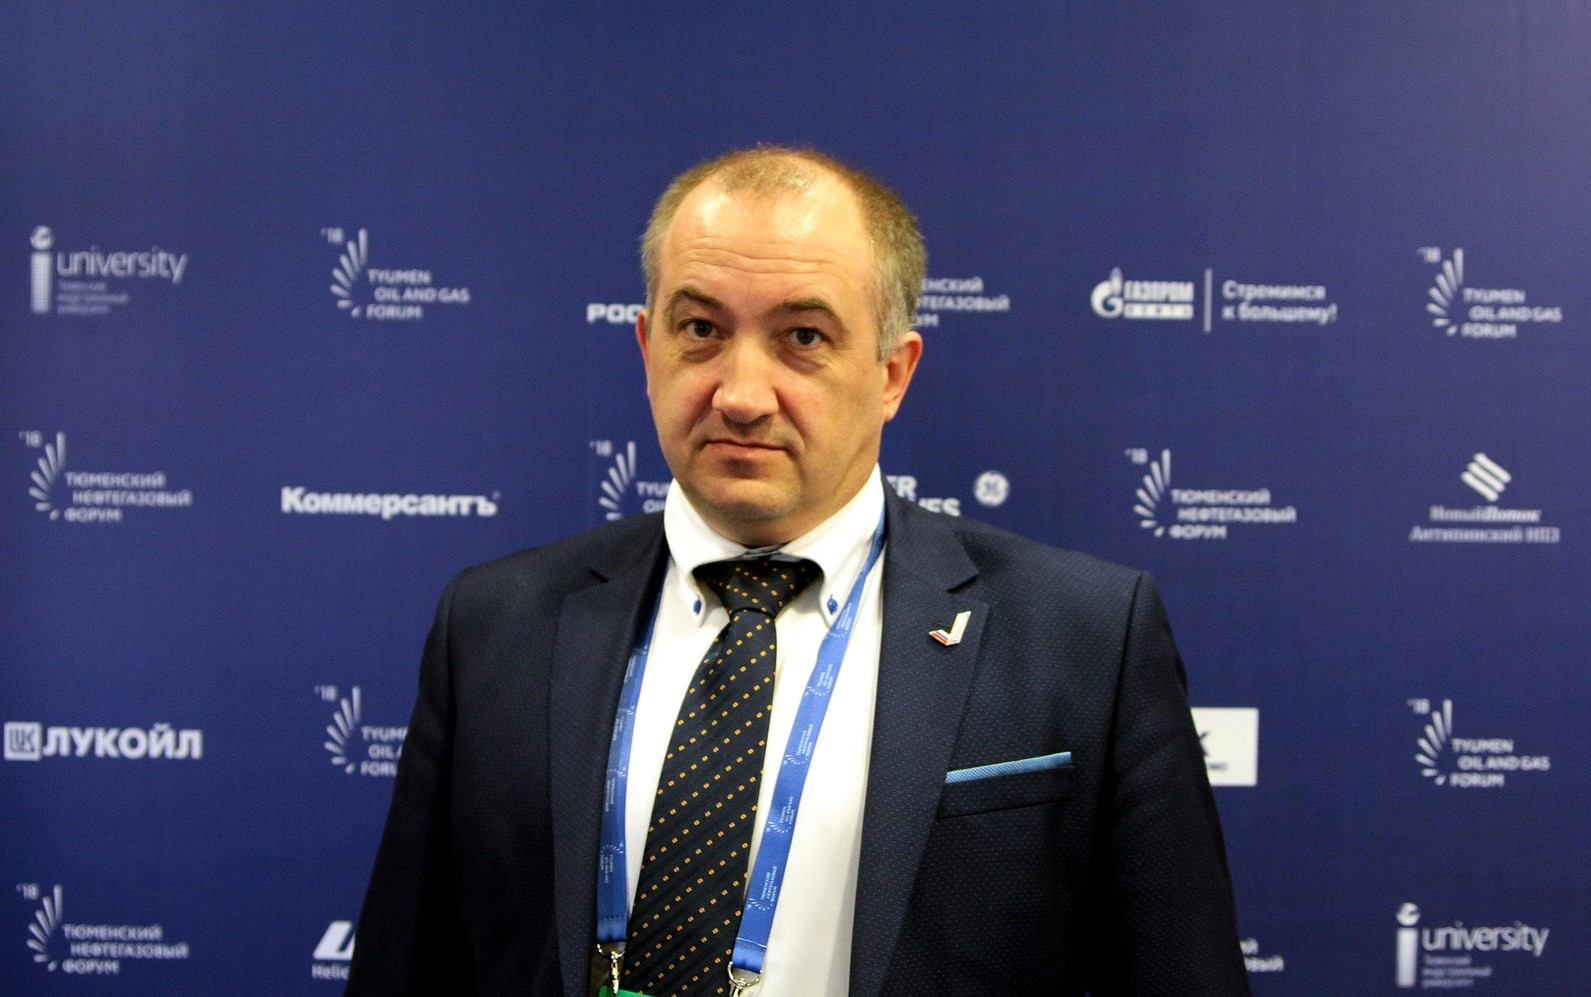 Сергей Завьялов Эксперт Российского экологического общества